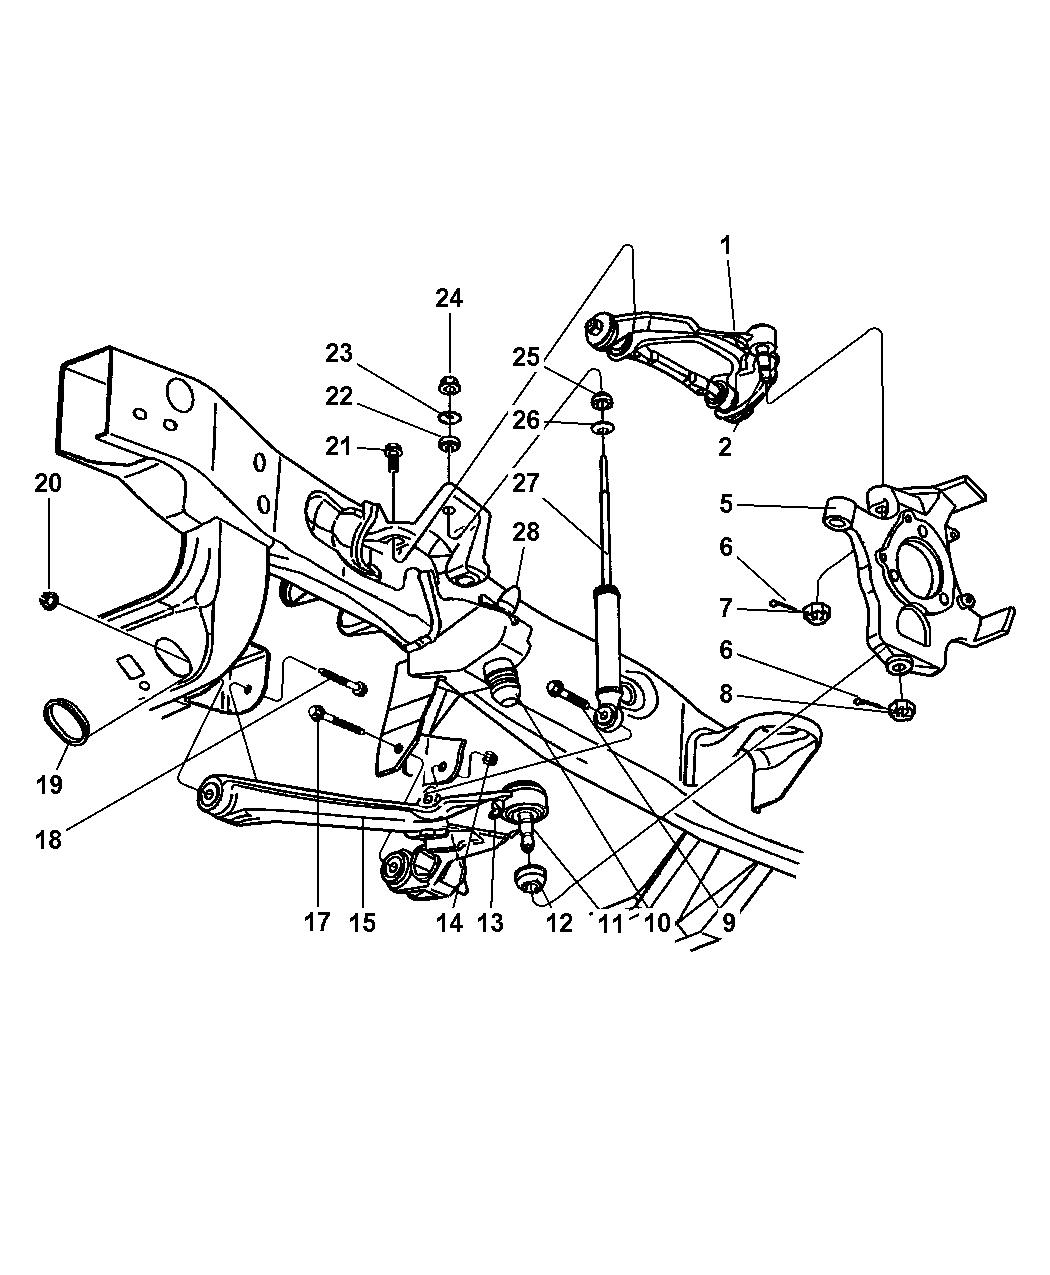 1998 Dodge Dakota Suspension